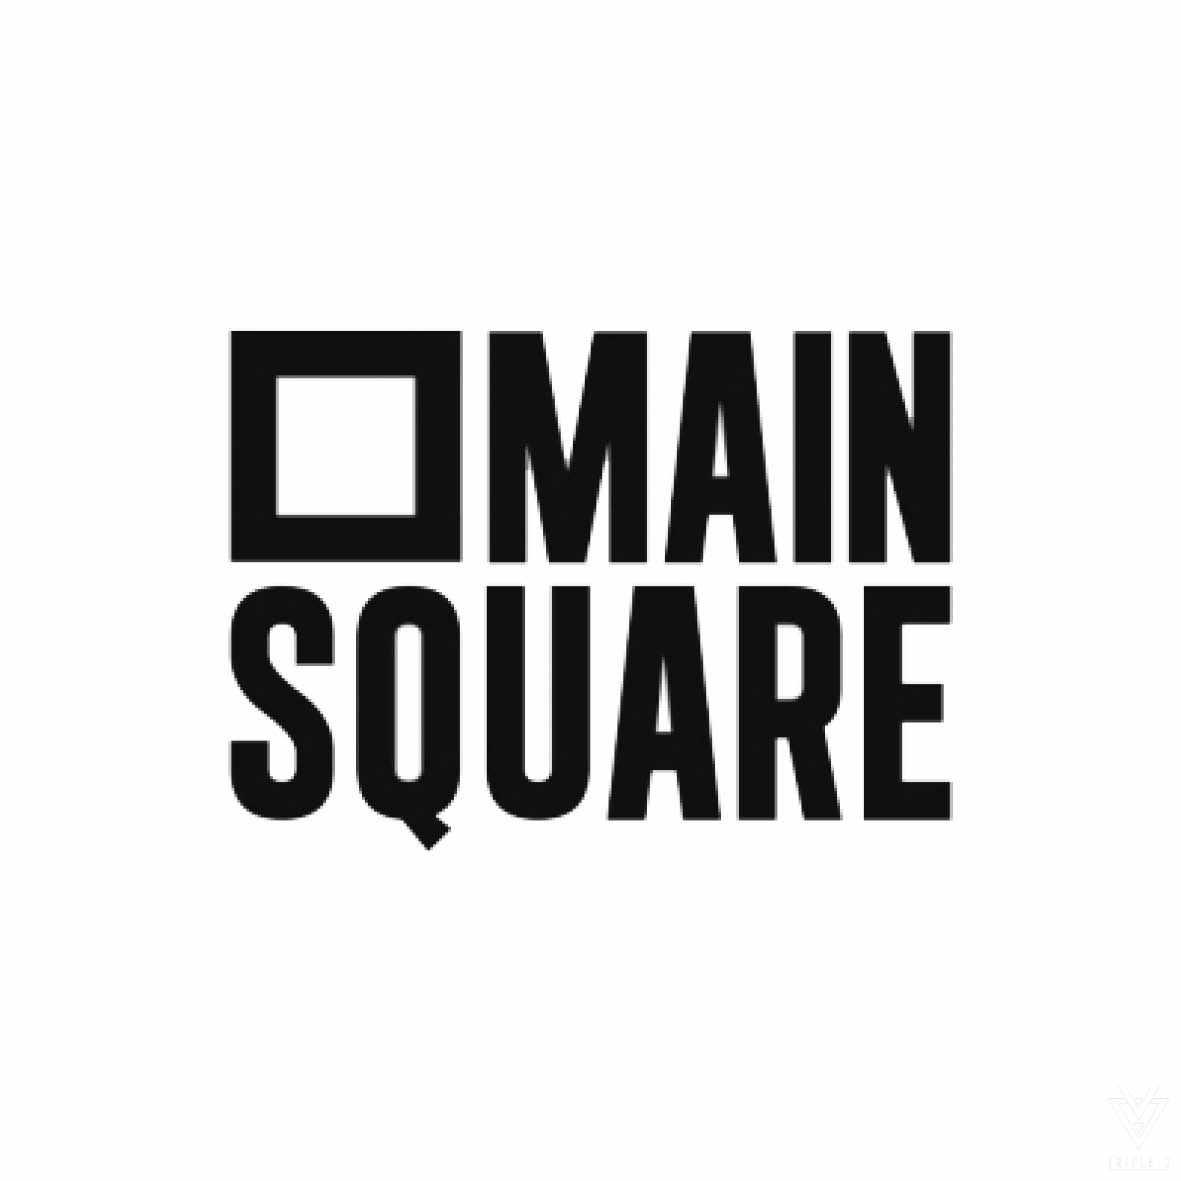 Triple - D Main Square